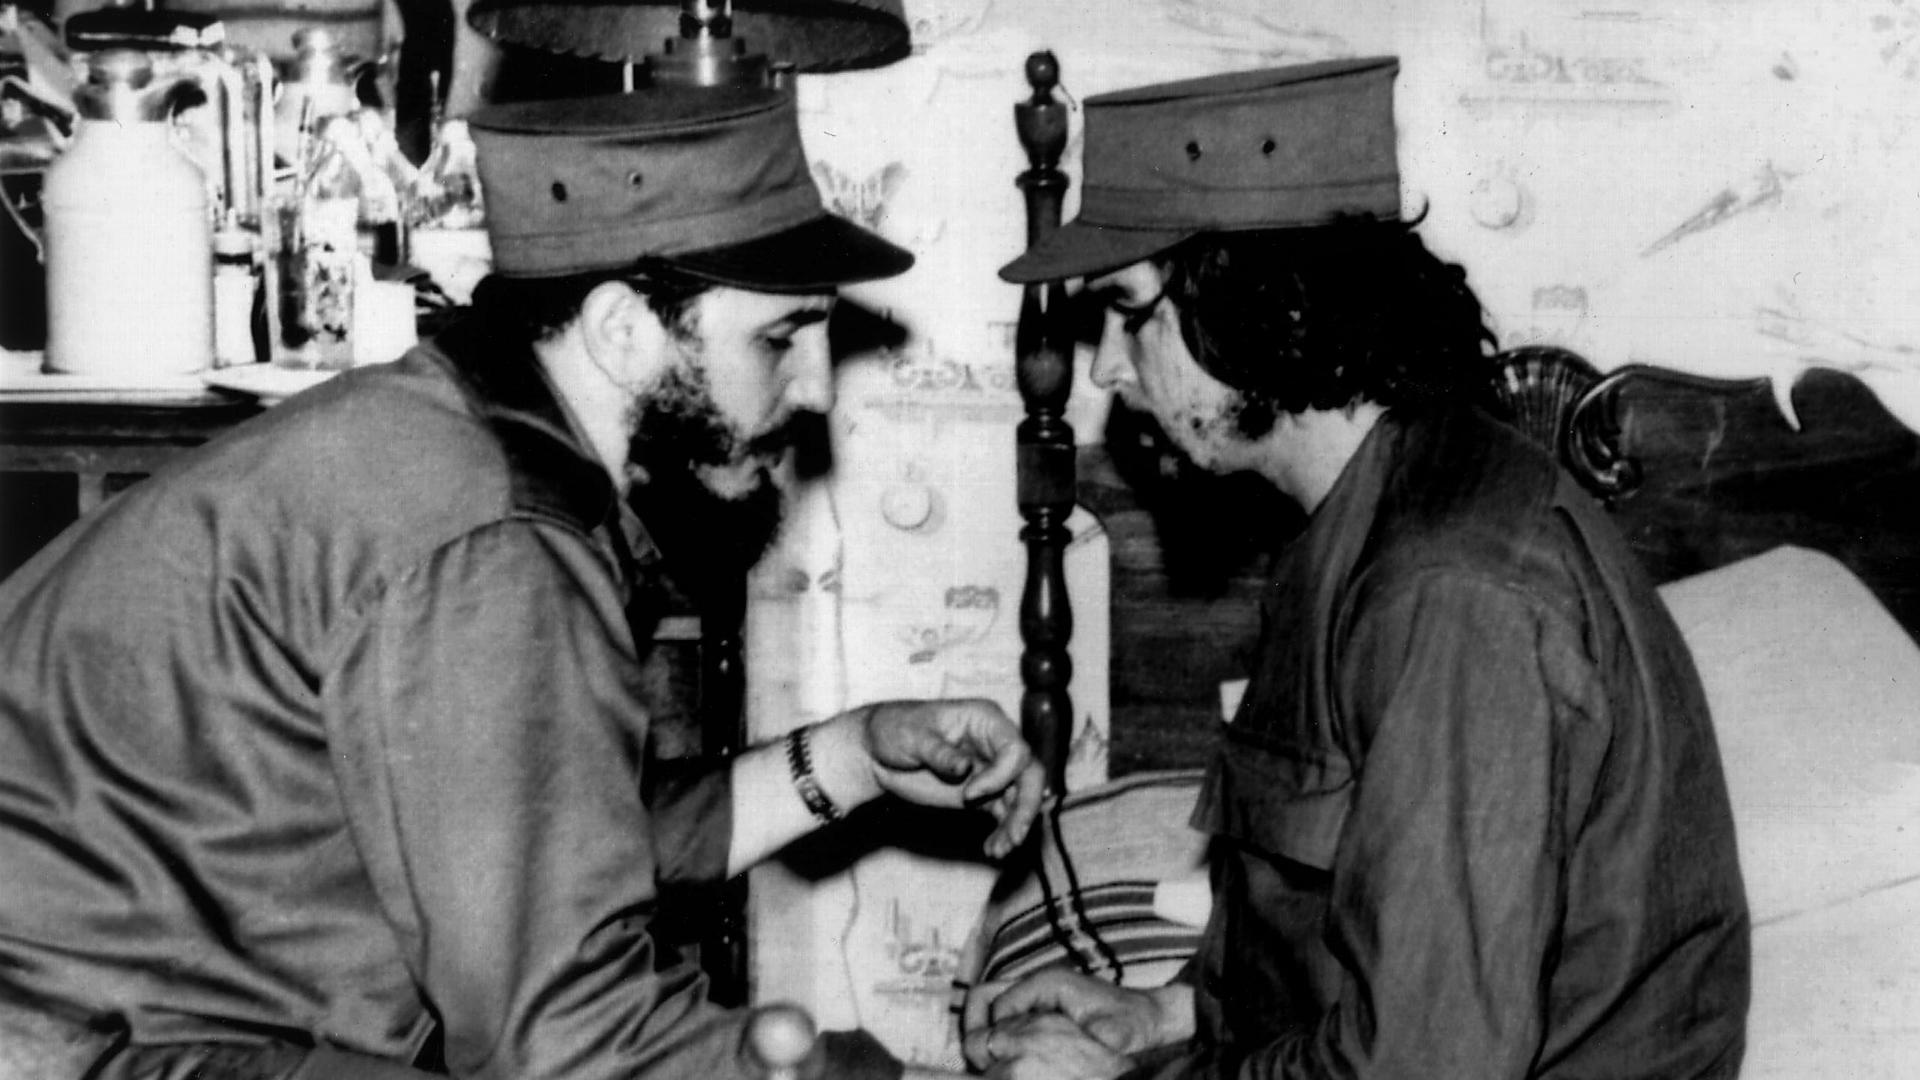 Castro y Guevara en La Habana, ya triunfada la revolución.